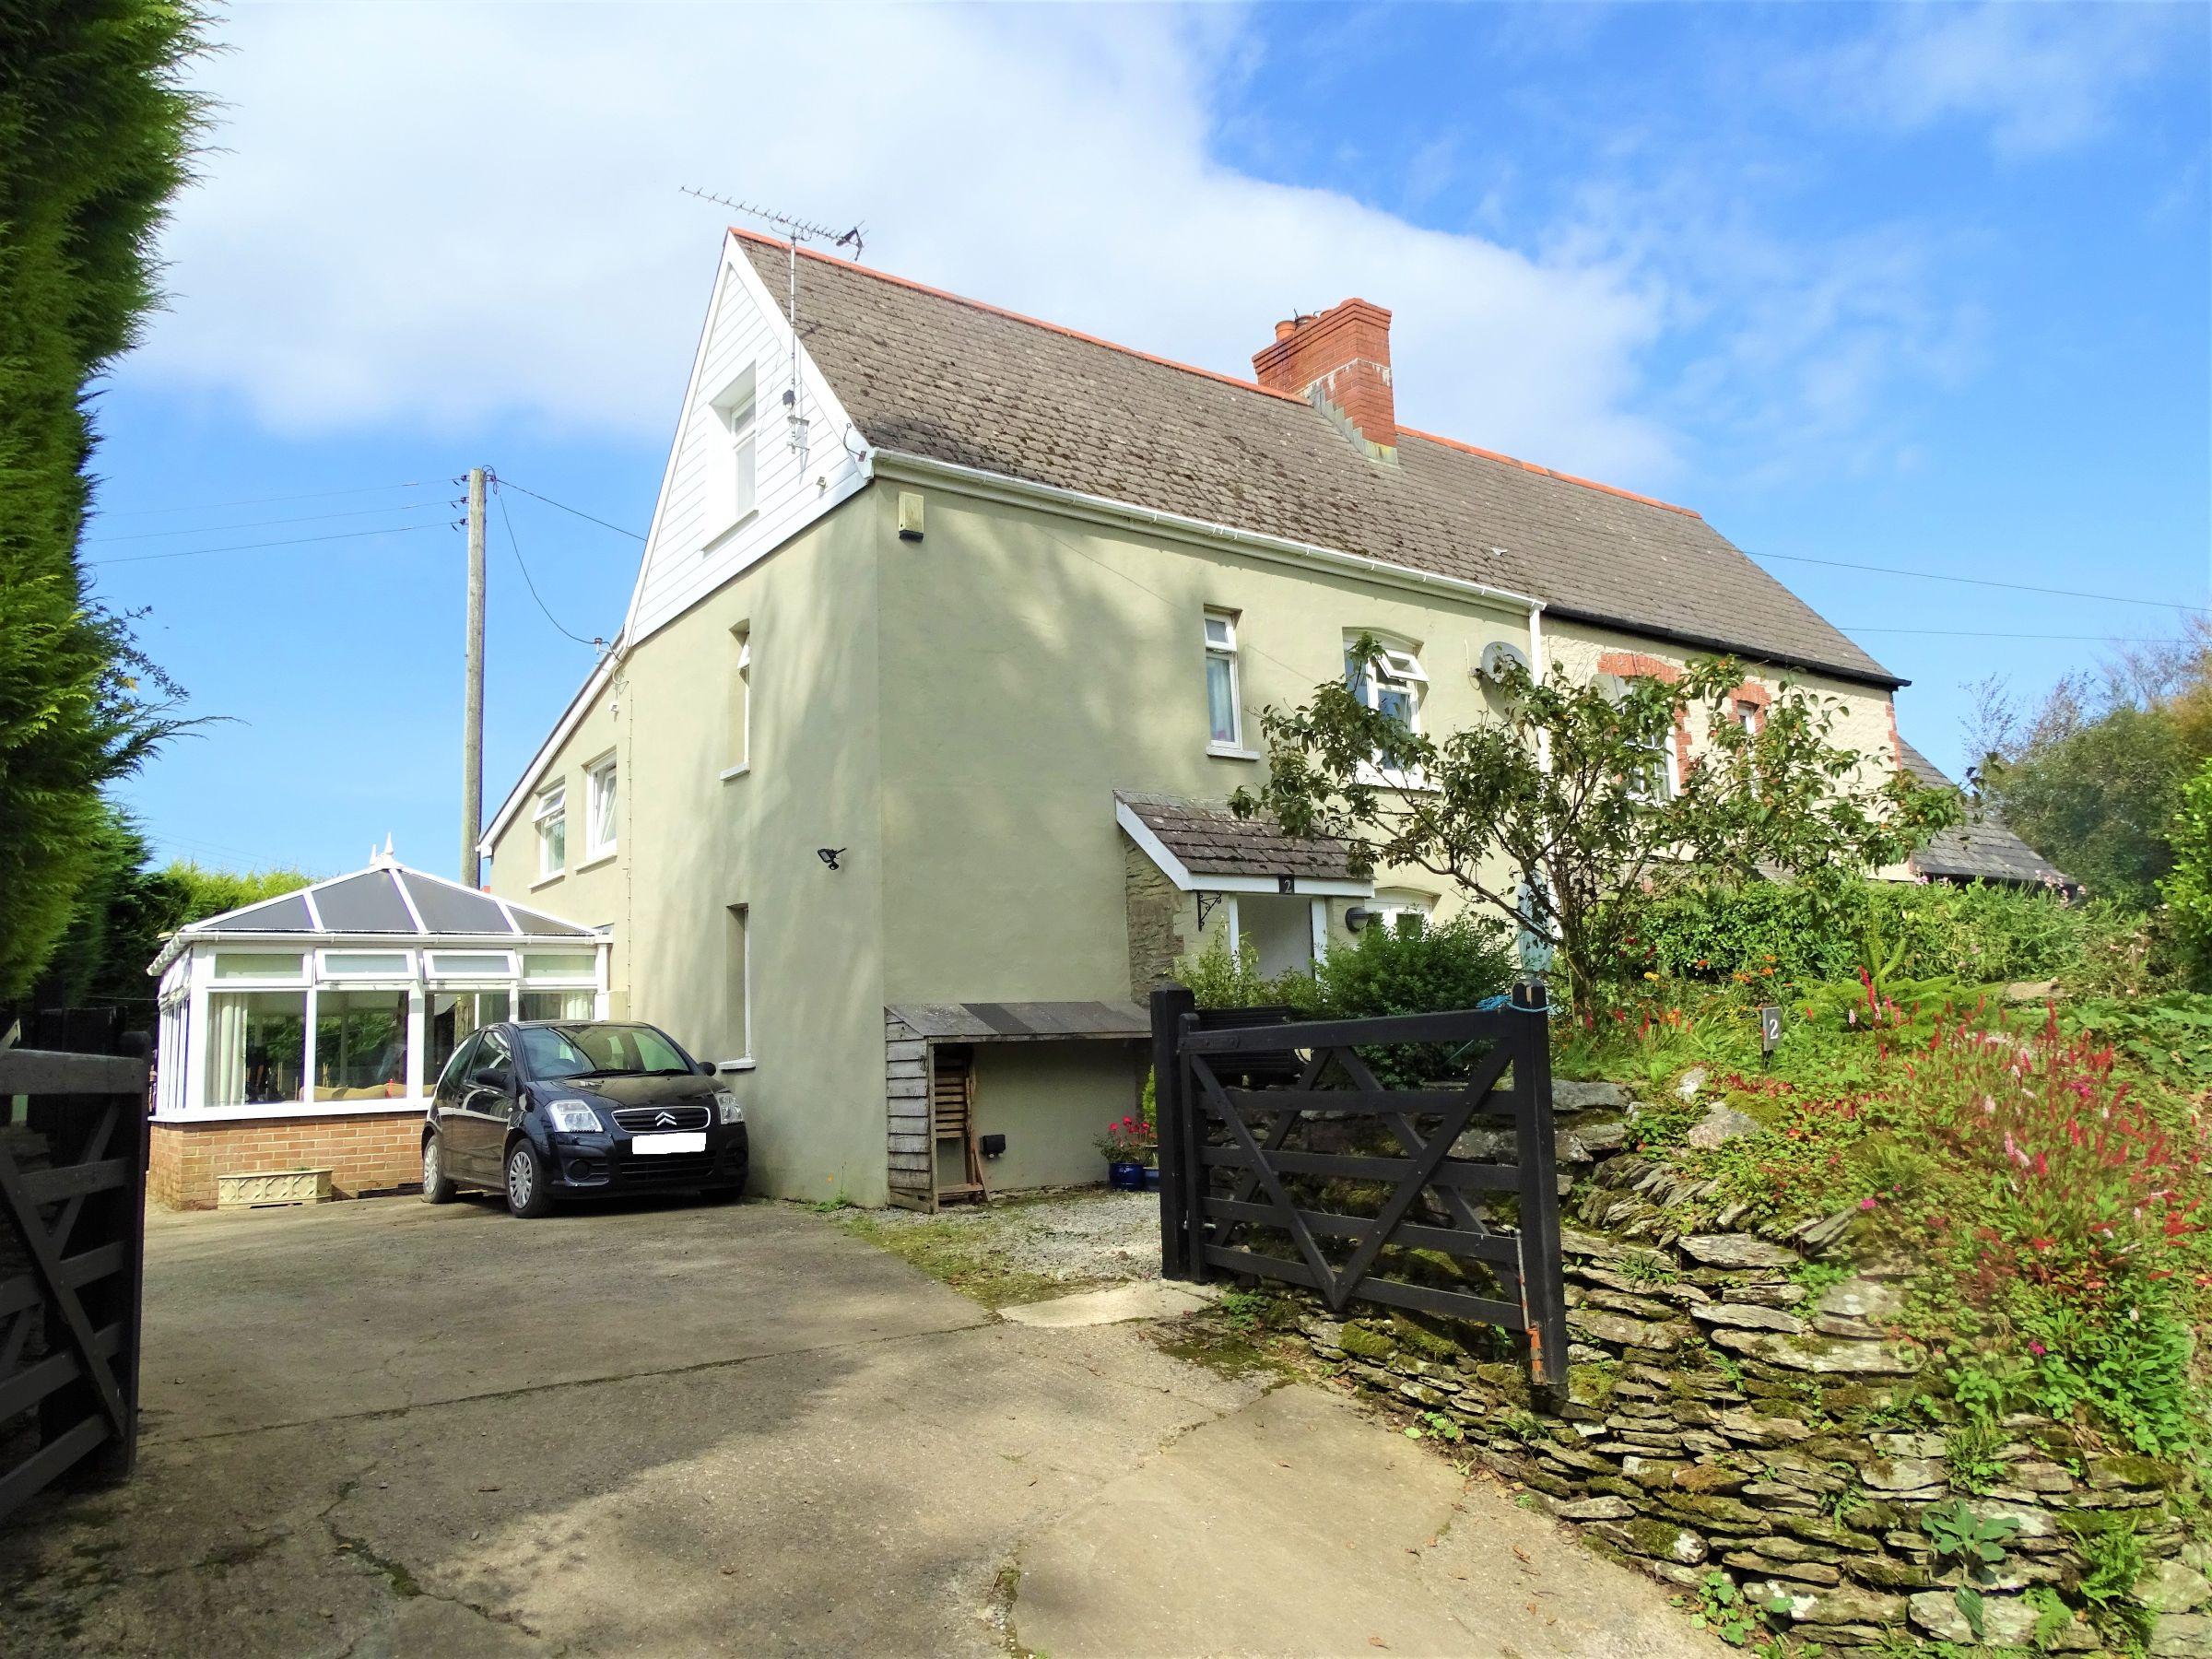 Wistlandpound Cottages, Kentisbury